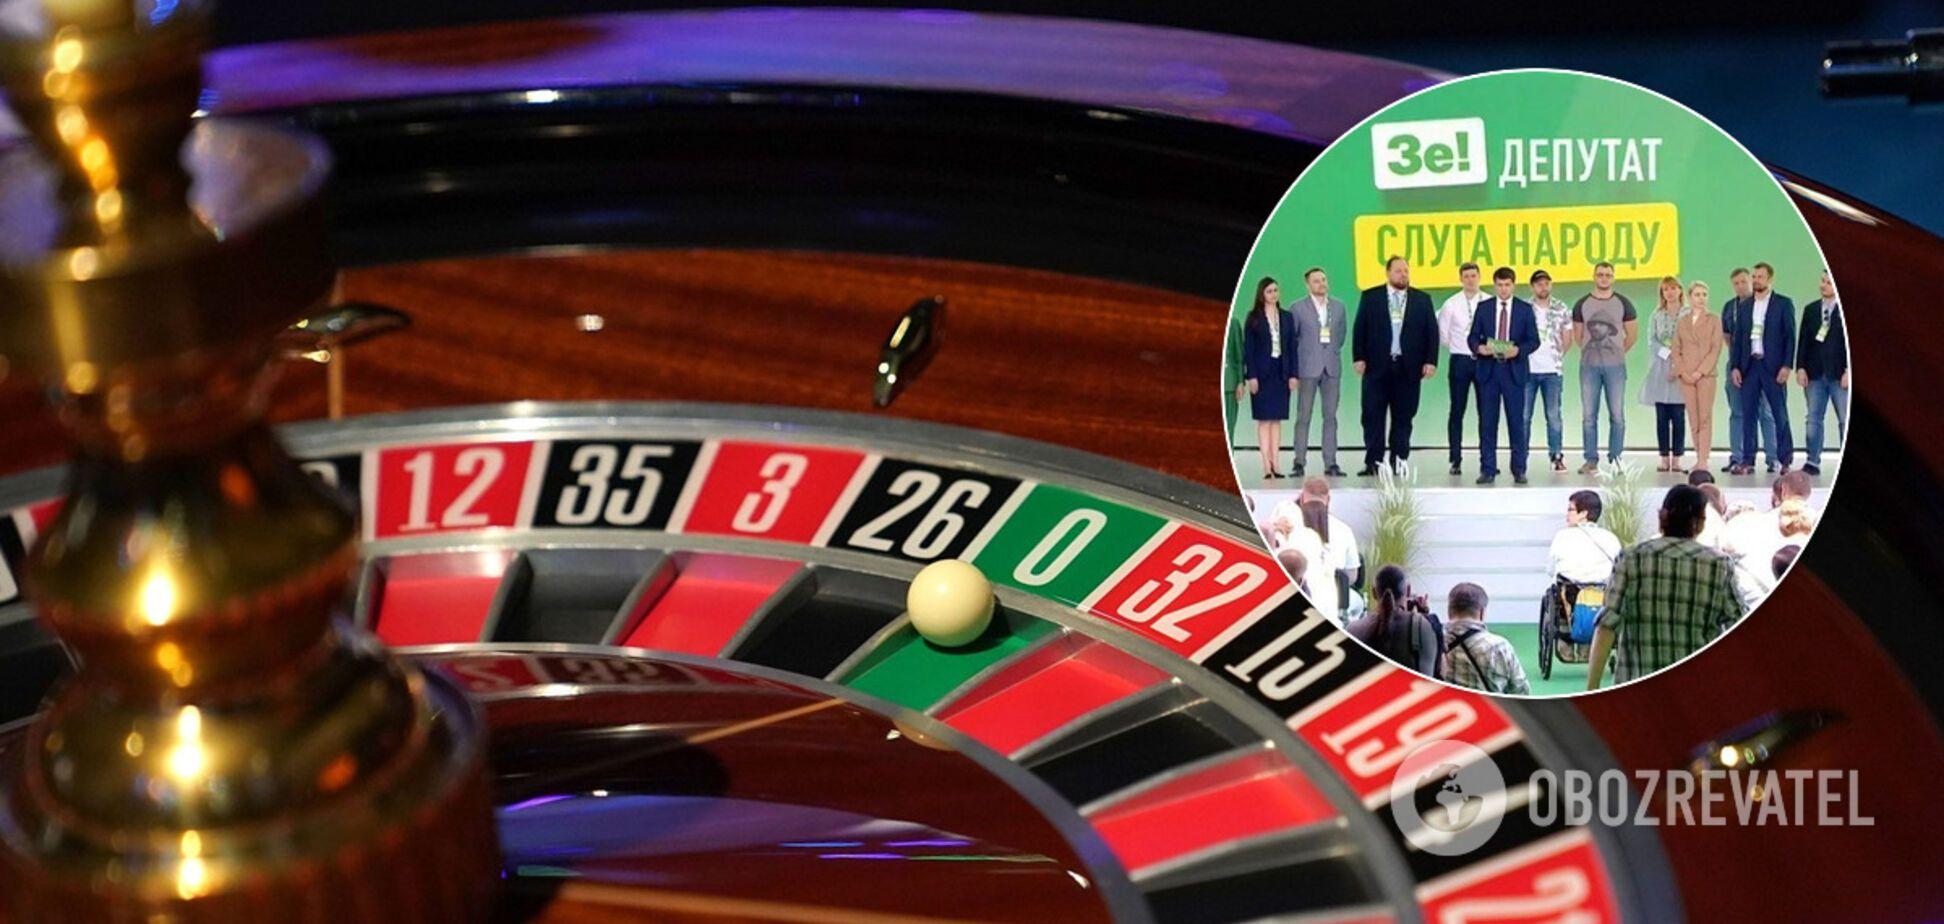 'Слуги народа' приняли закон о казино, который лоббировали Баум и Тимошенко. Подписание документа заблокировали